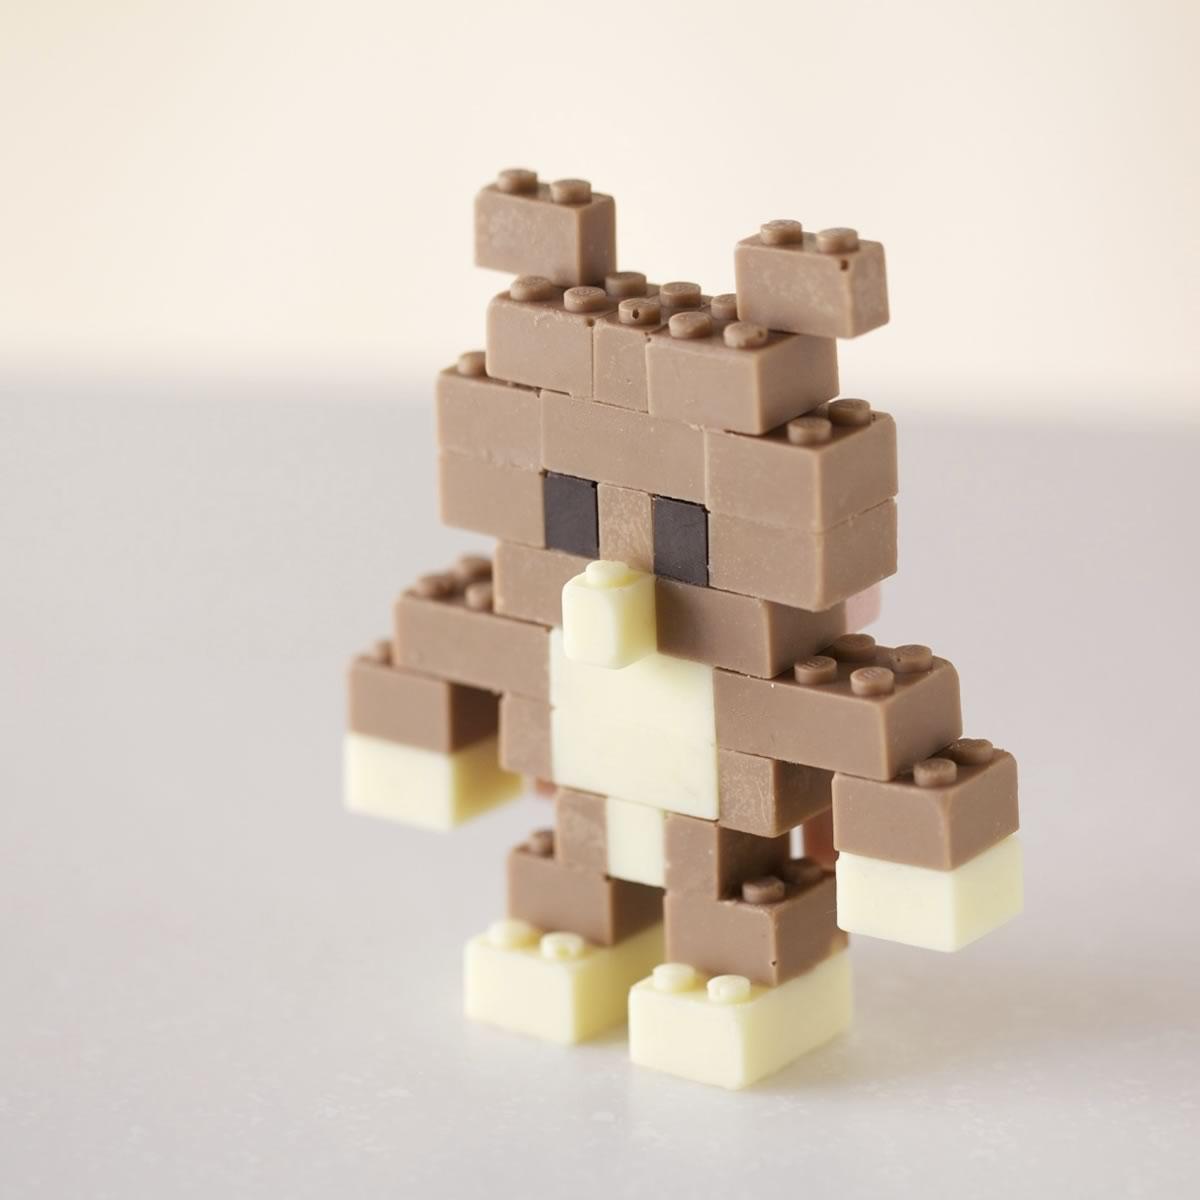 piezas de lego hechas de chocolate - 01